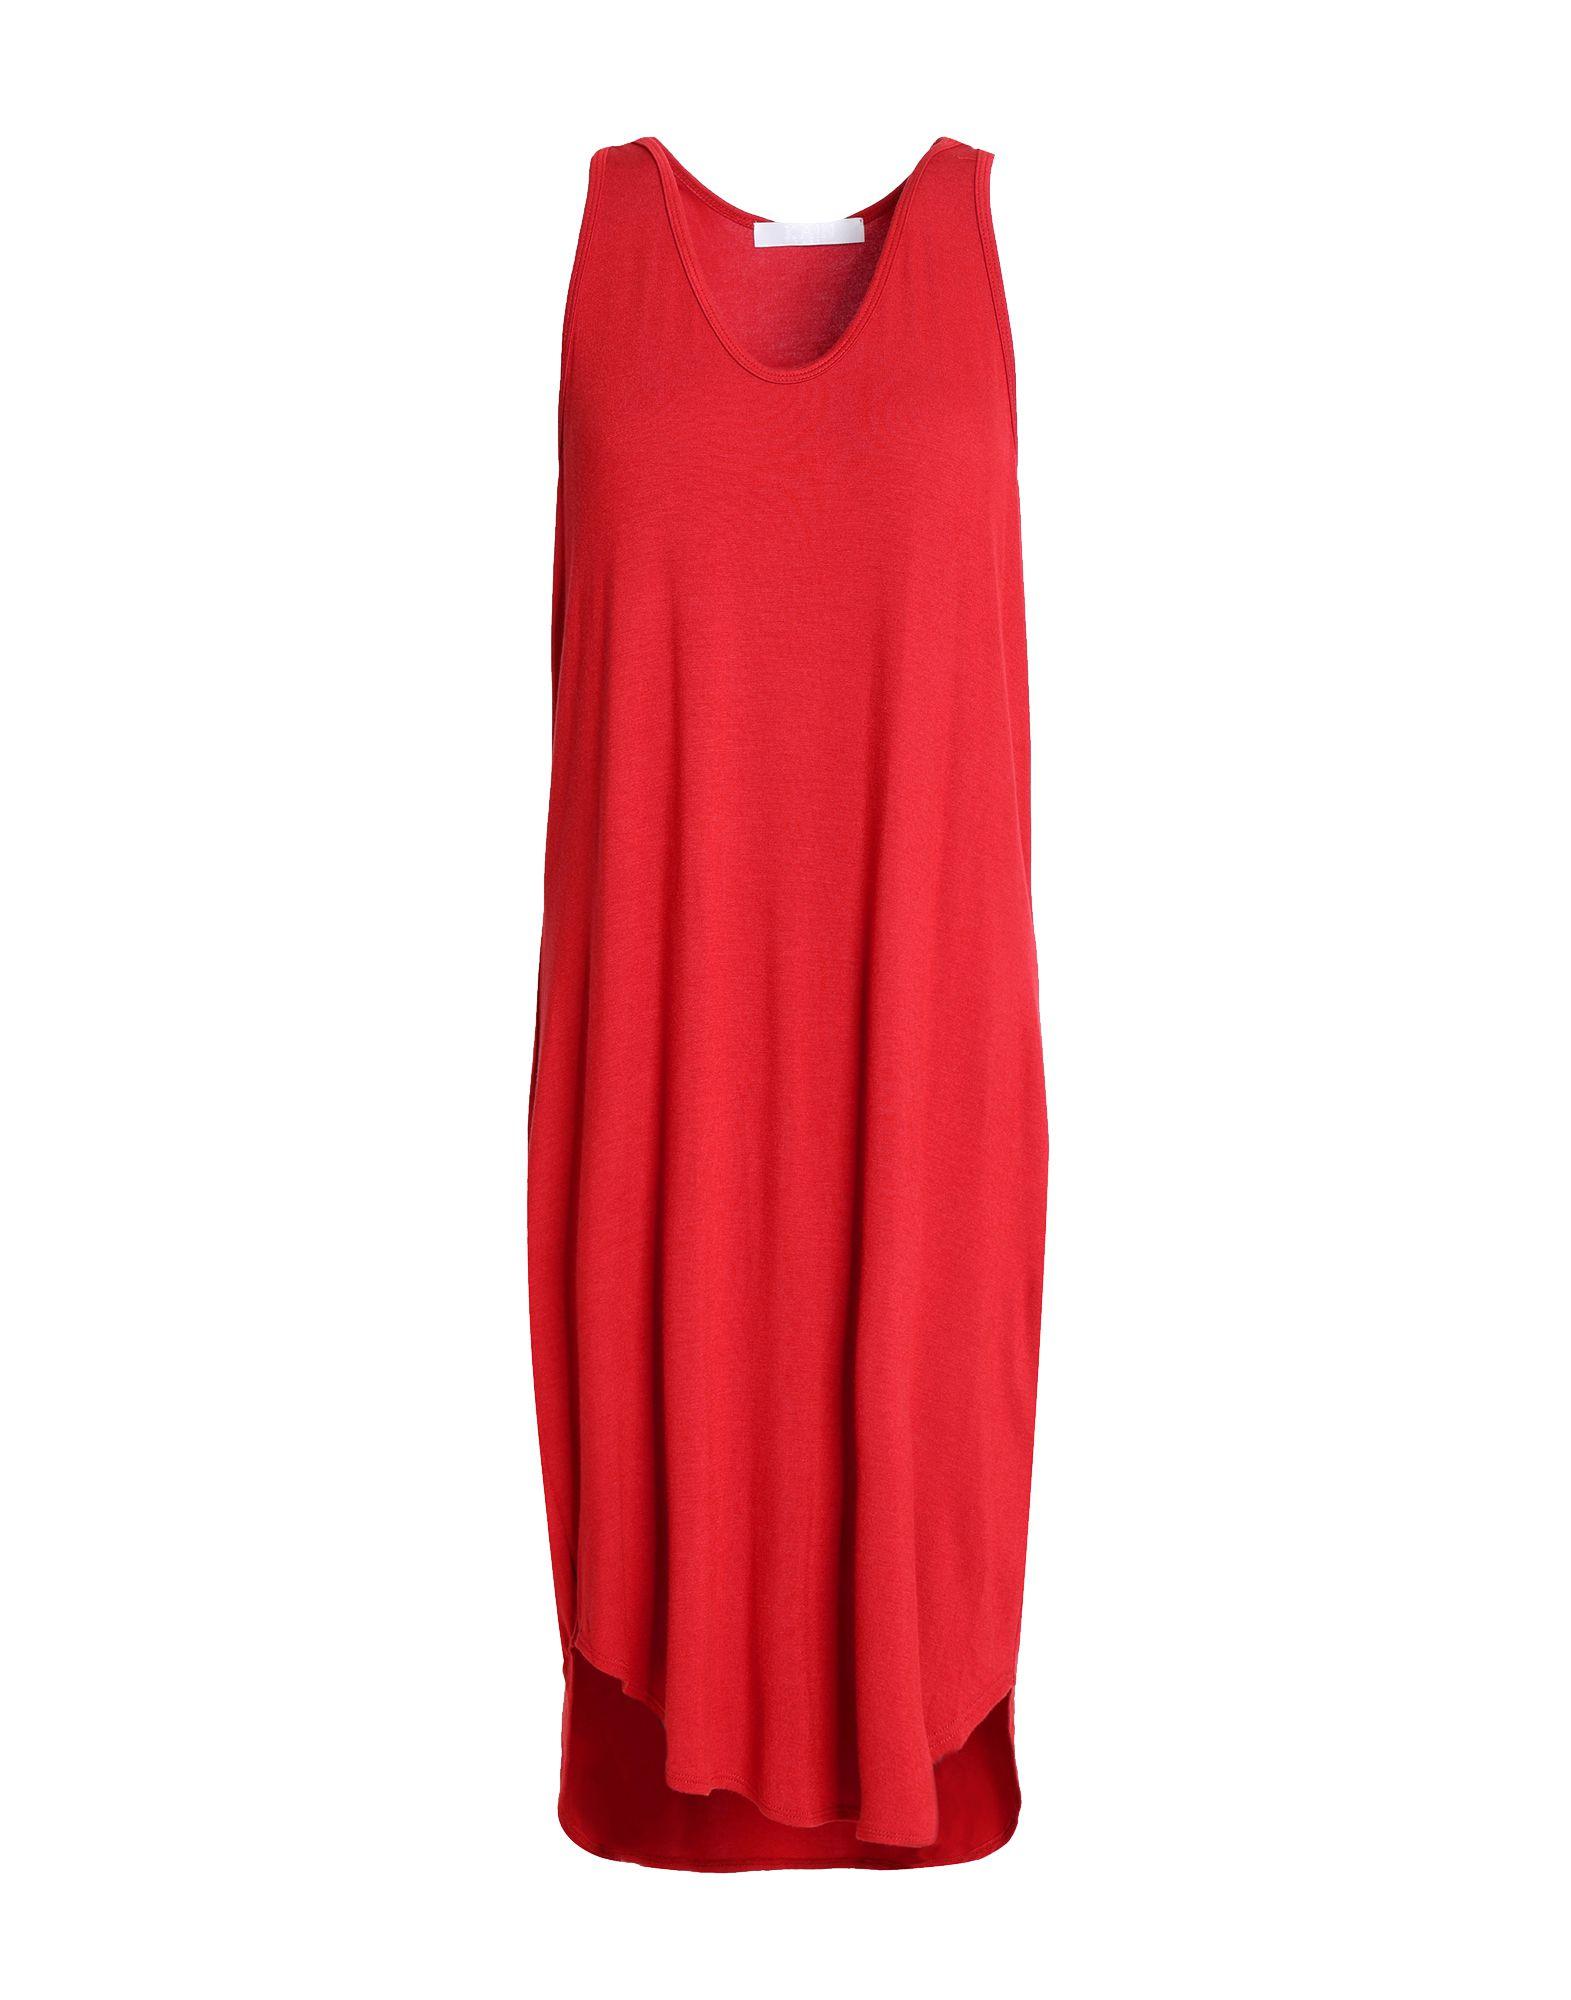 купить KAIN Платье до колена по цене 3500 рублей